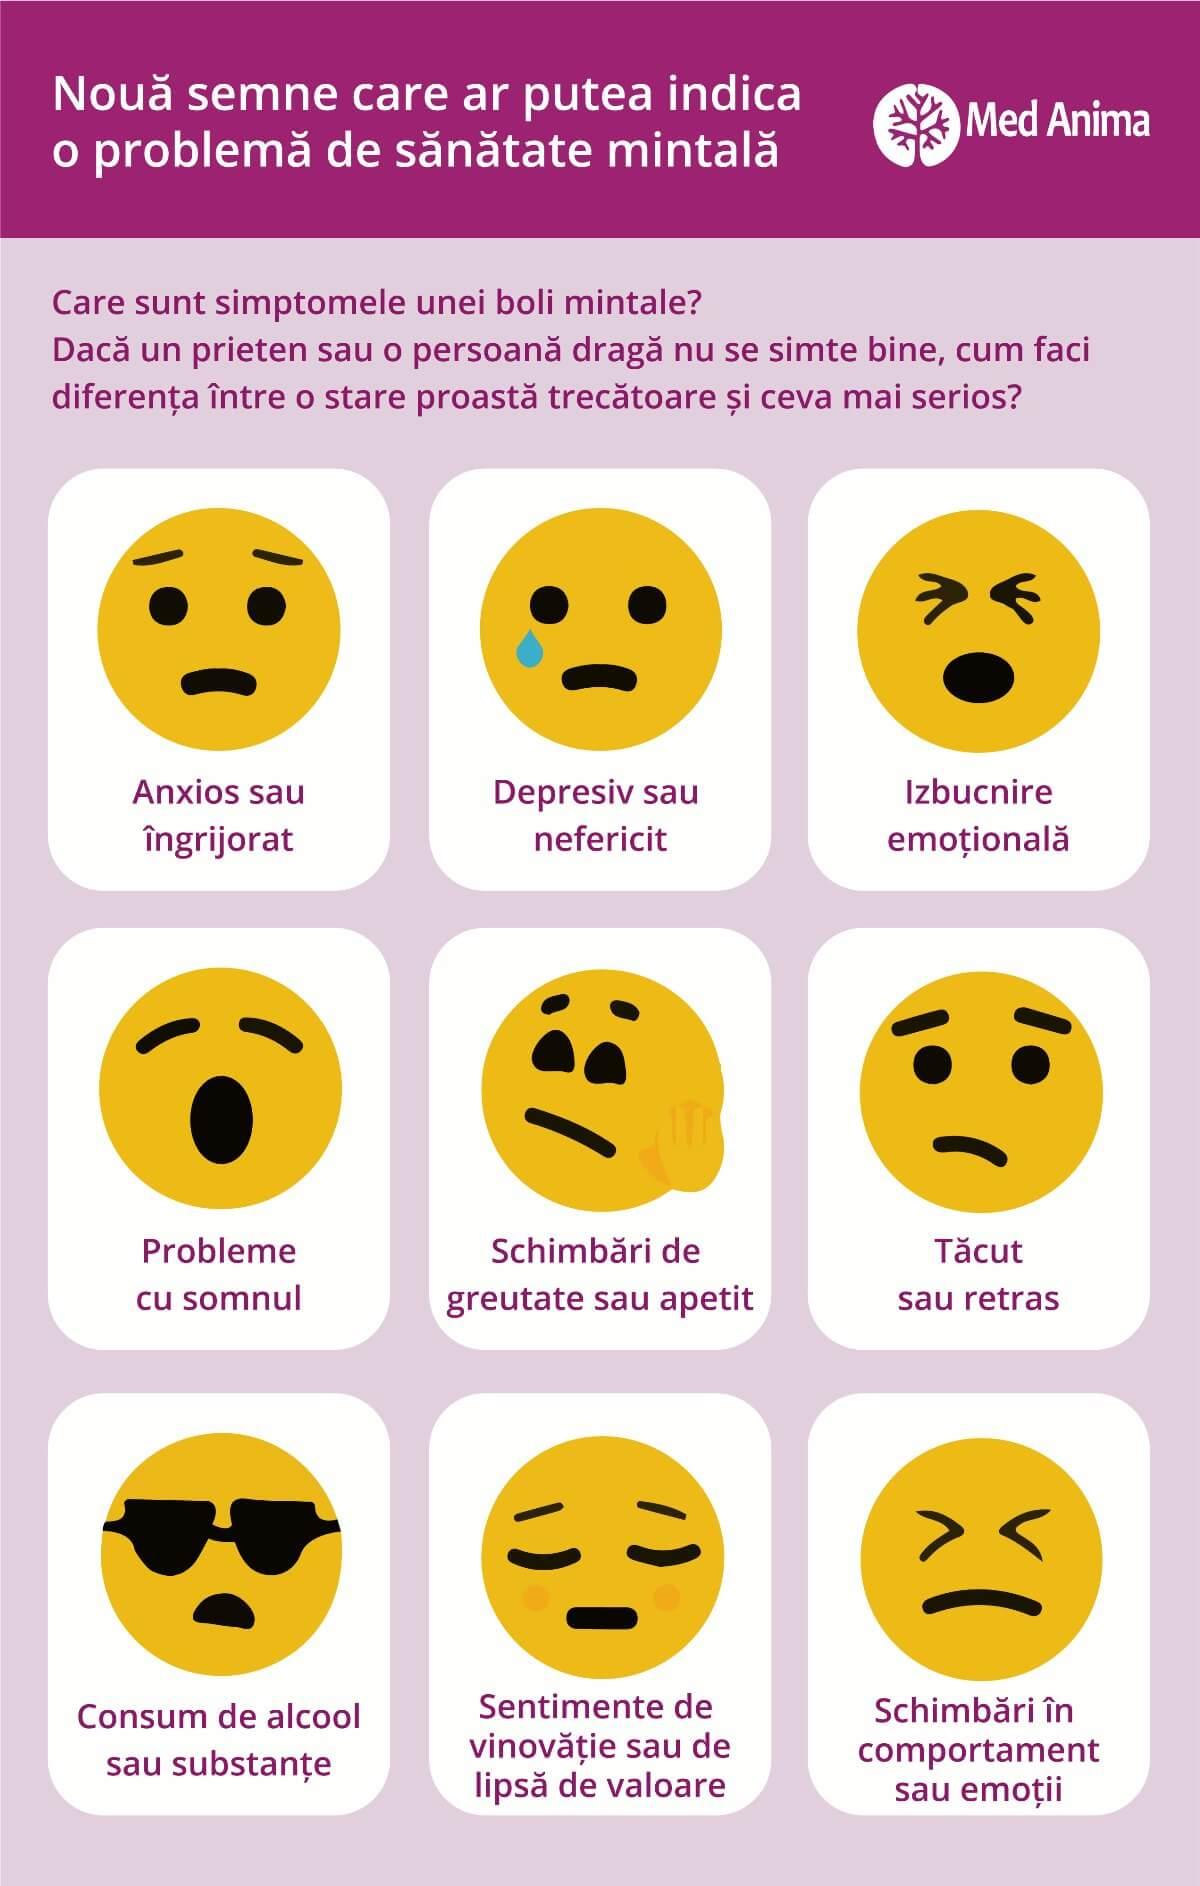 Nouă semne care ar putea indica o problemă de sănătate mintală